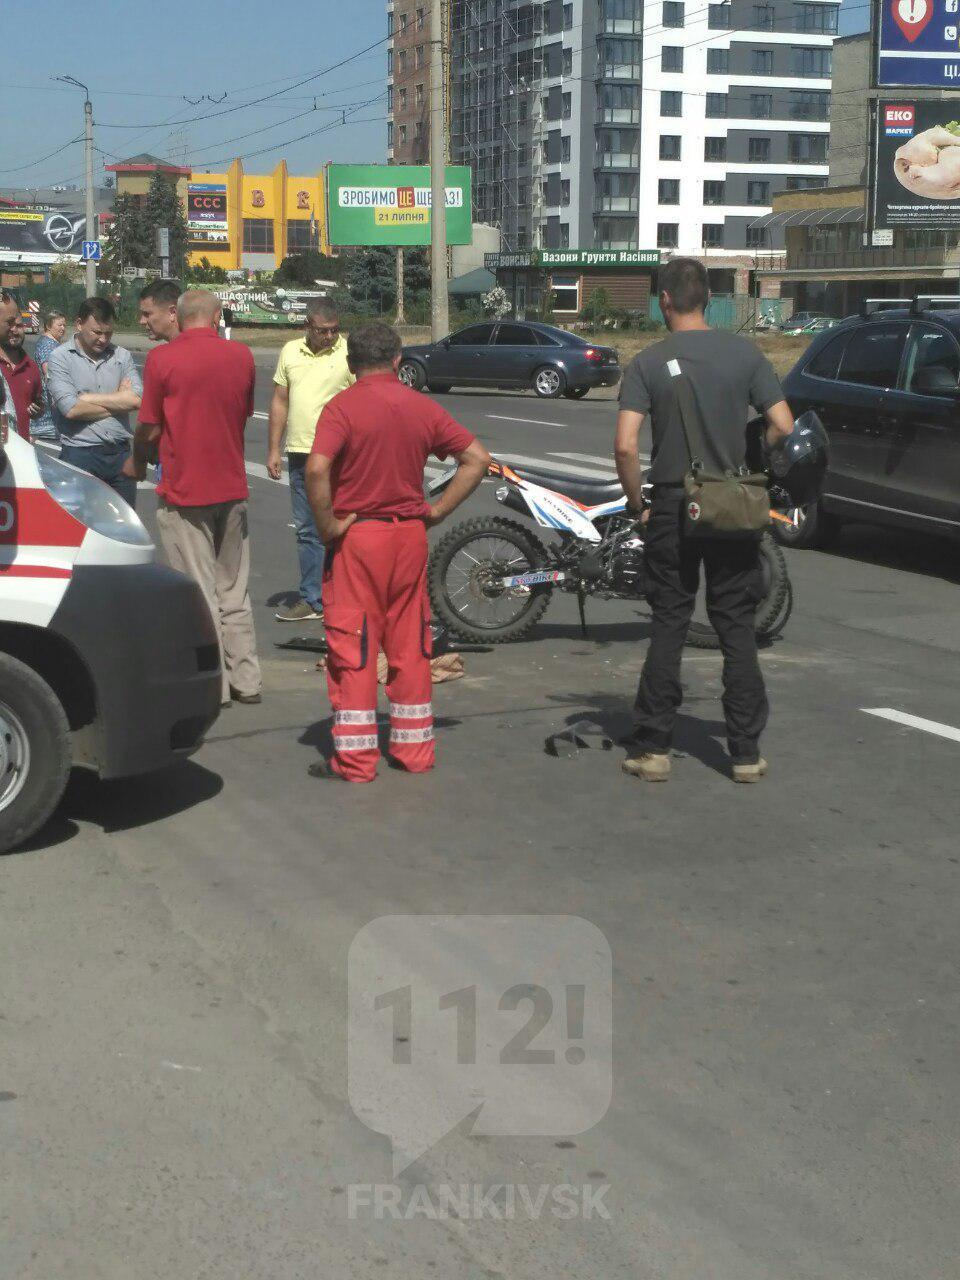 У Івано-Франківську через водія-порушника постраждав мотоцикліст (фотофакт)